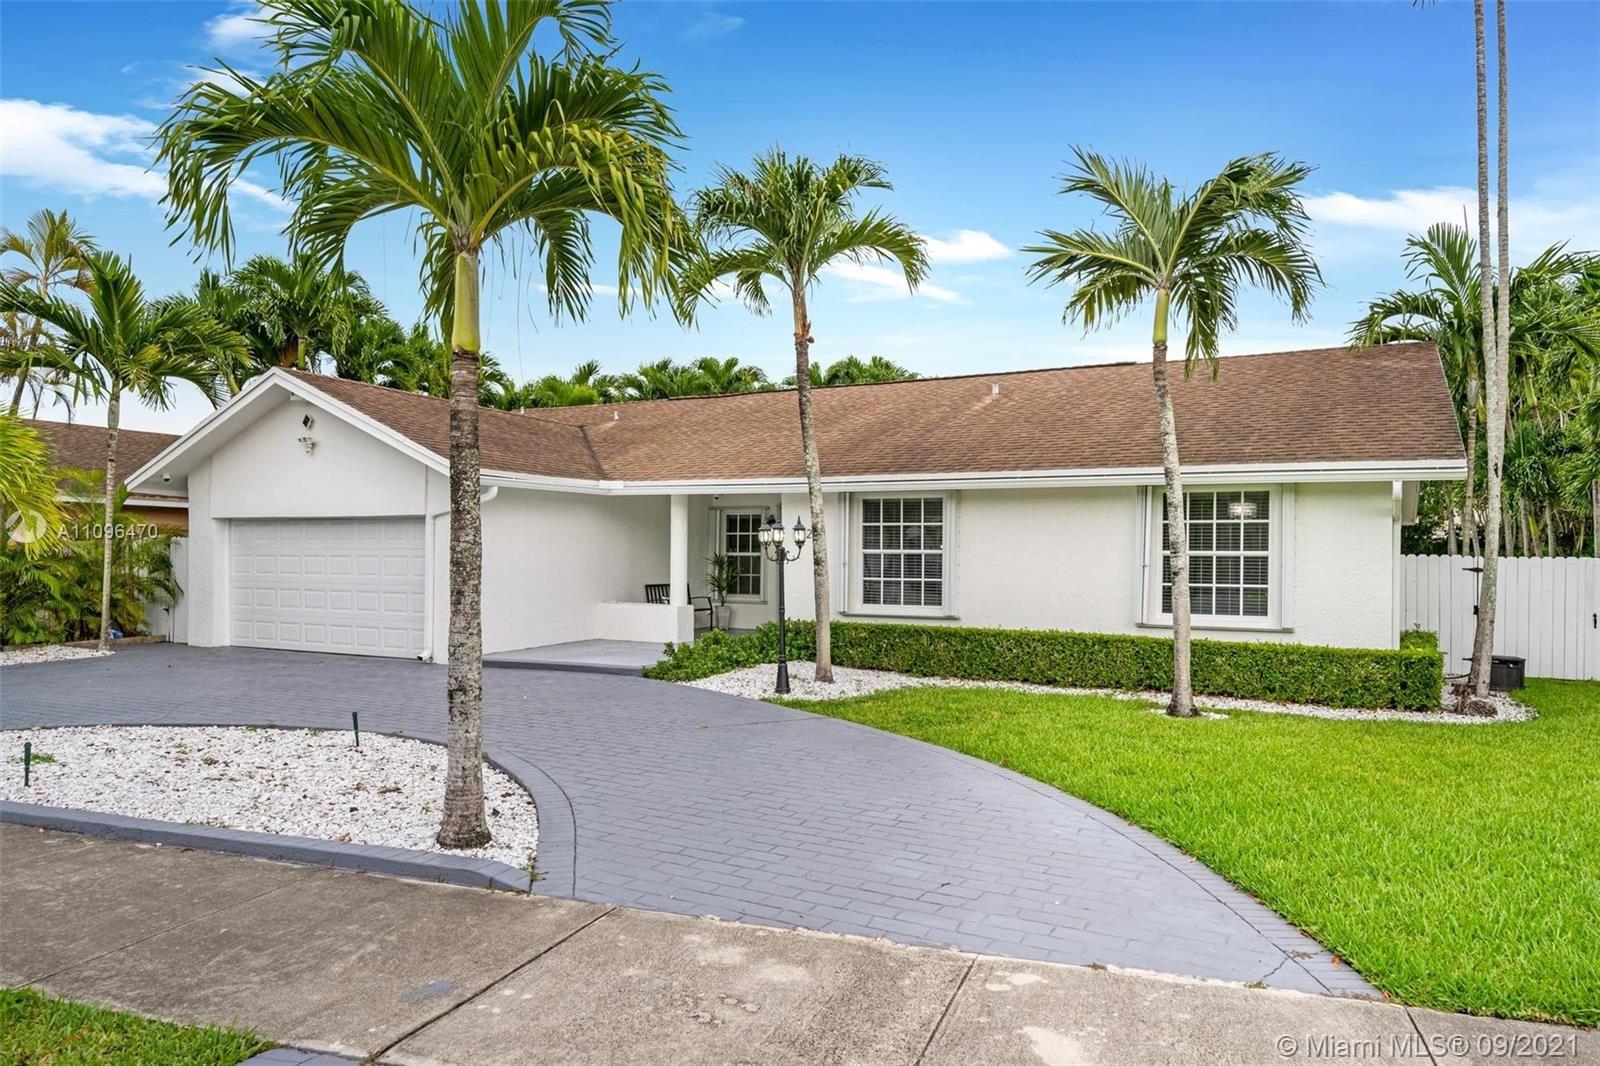 11222 SW 129th Ct, Miami, FL 33186 - #: A11096470